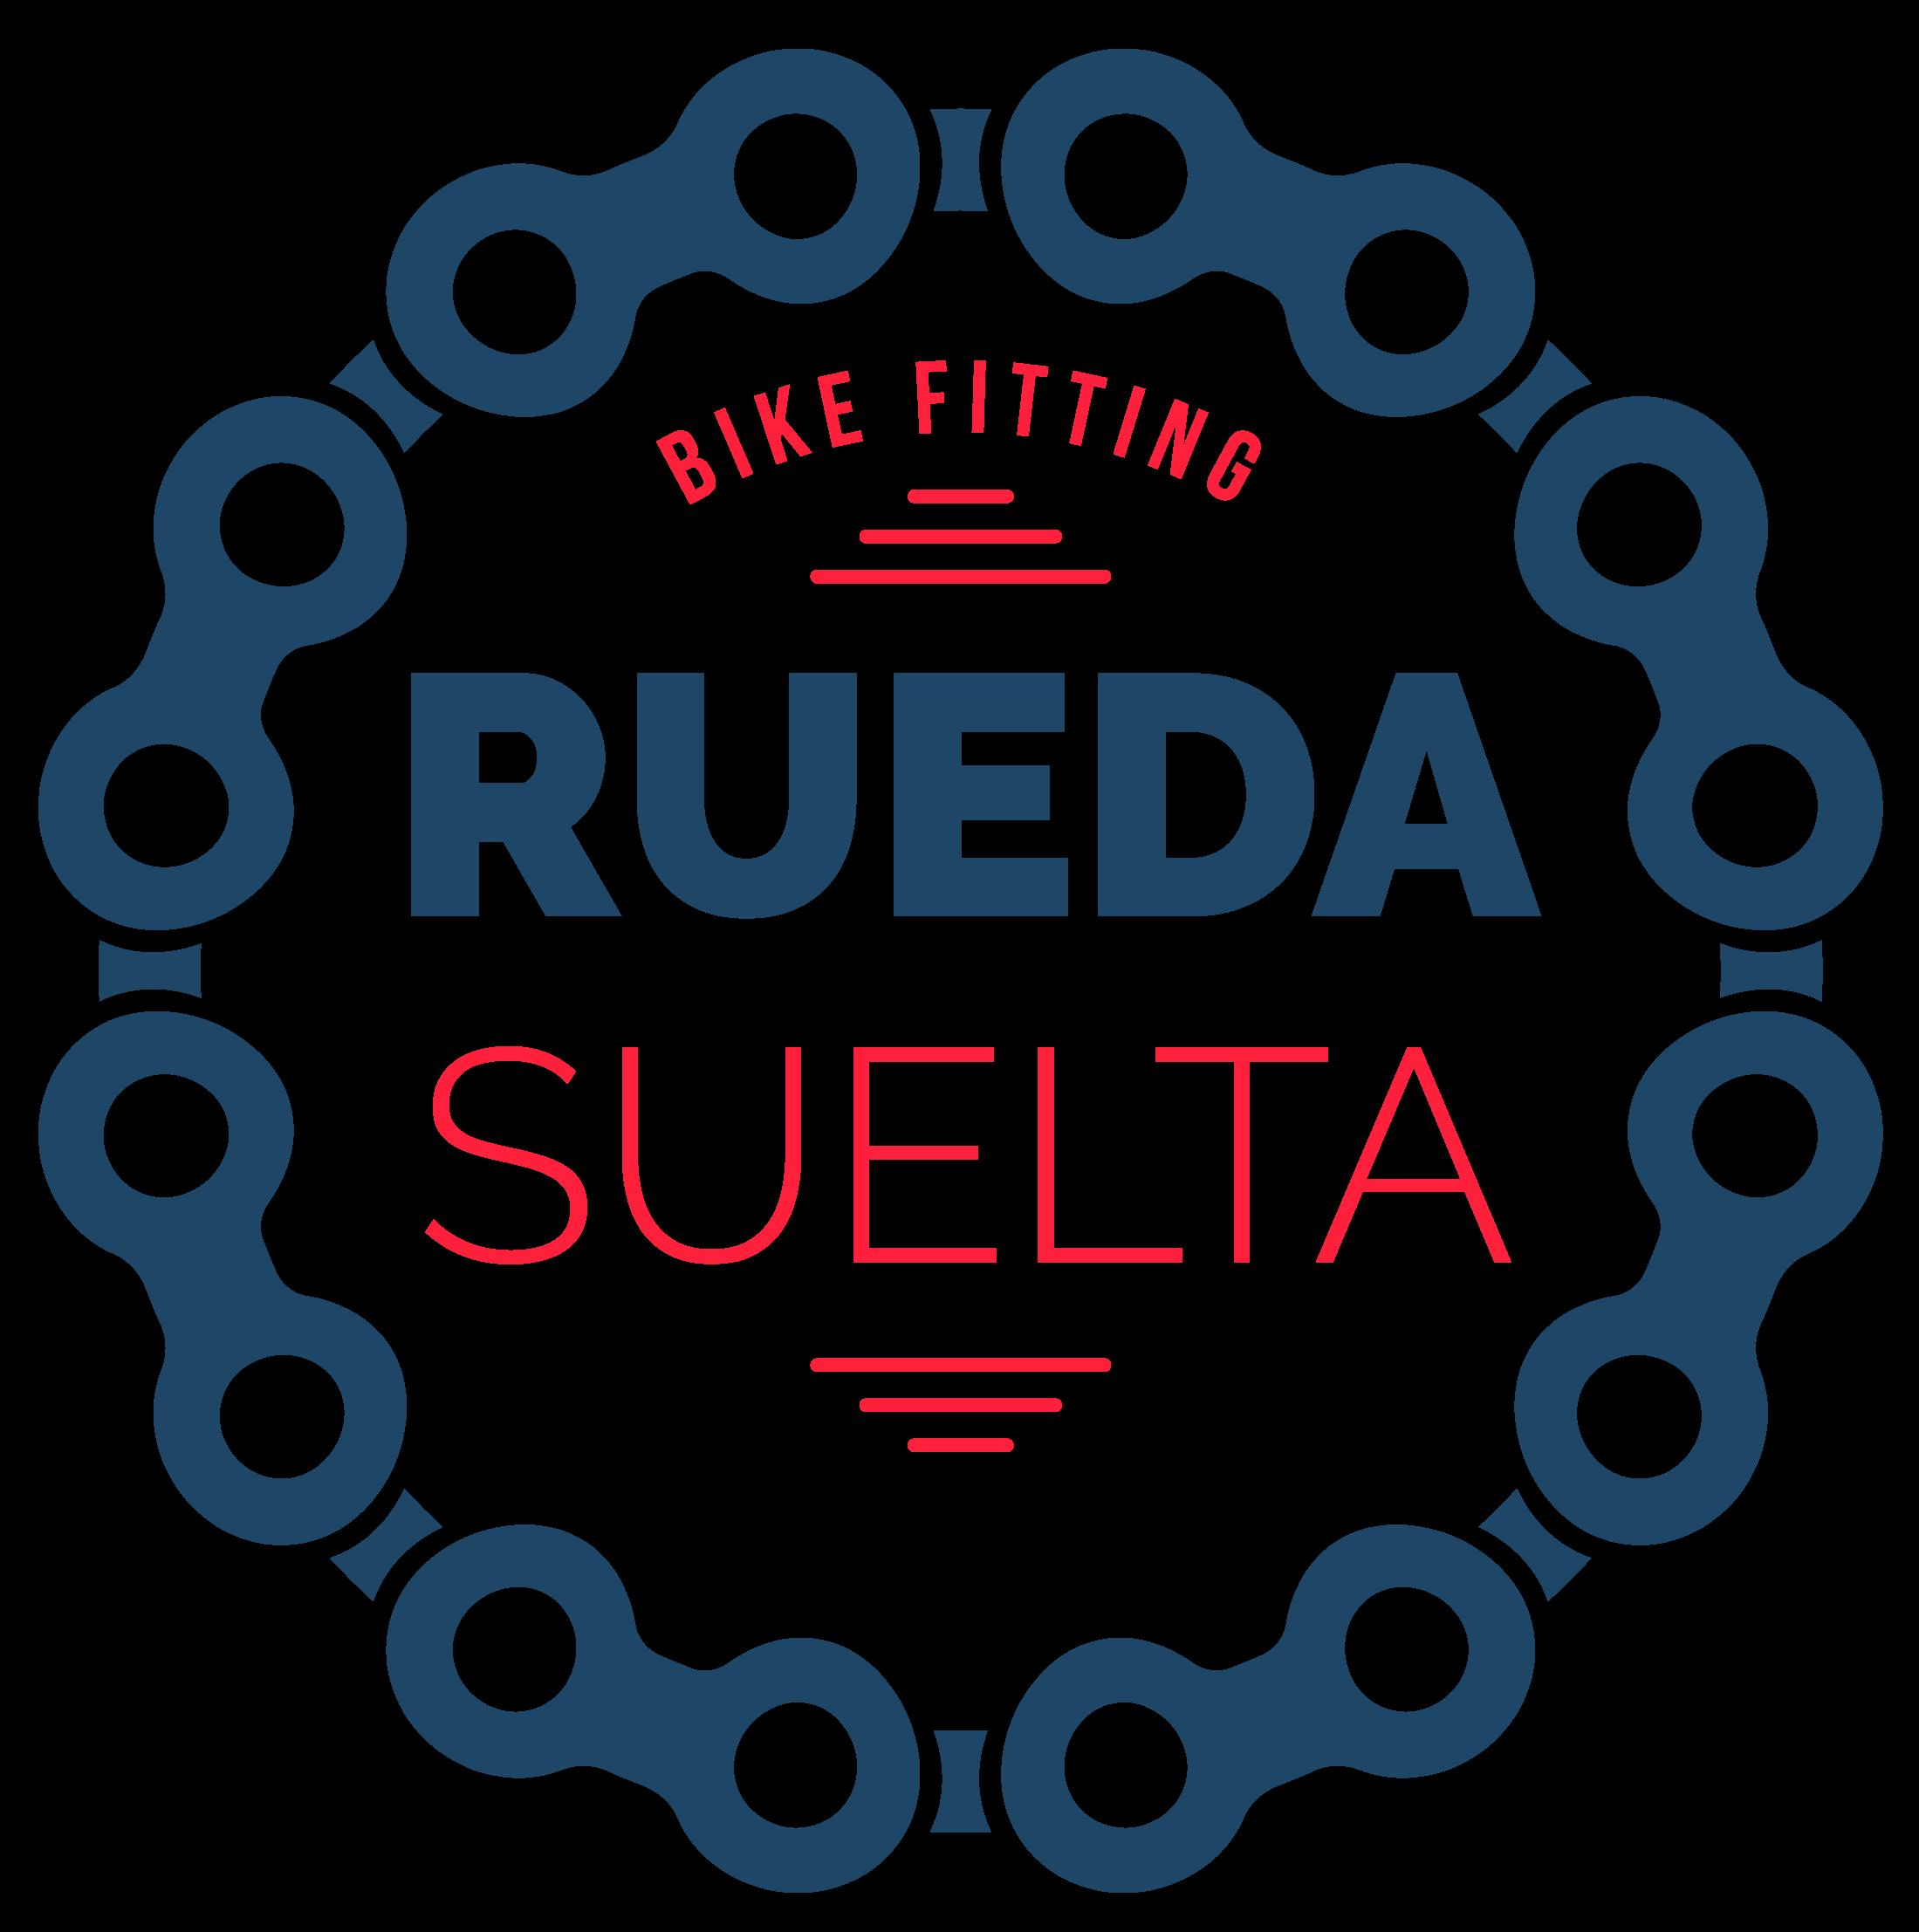 Rueda Suelta